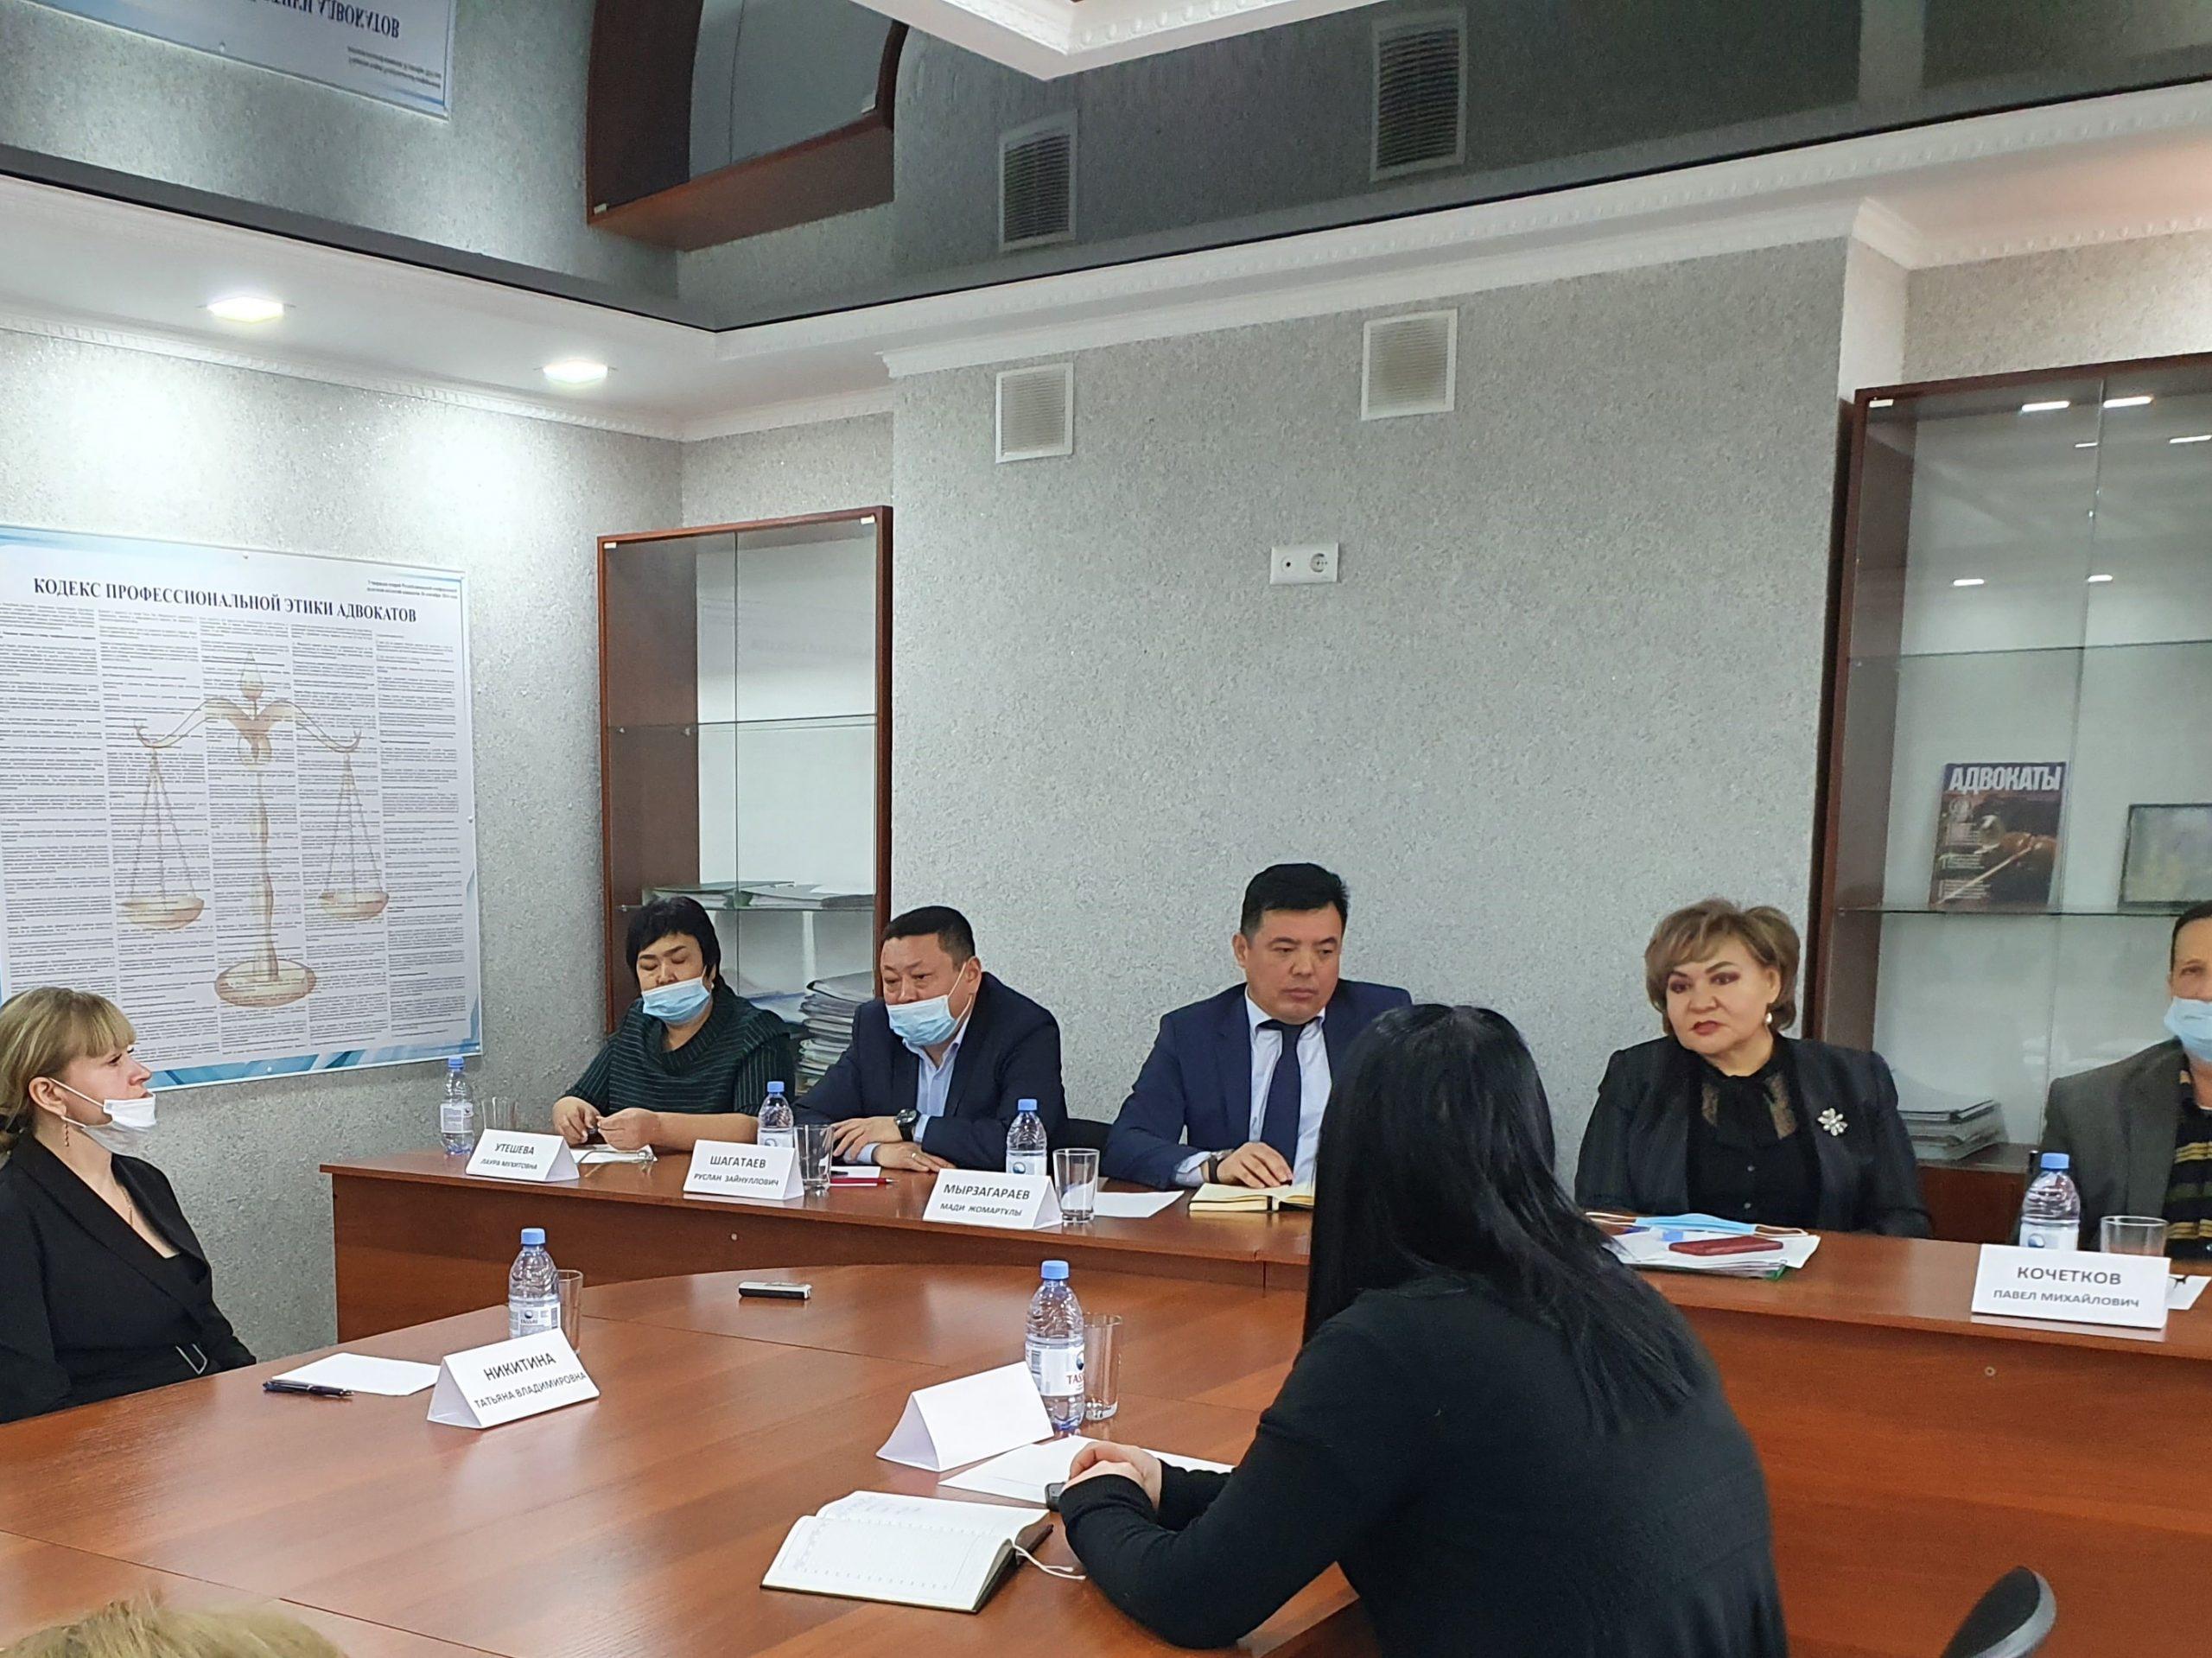 Государственный «гоп-стоп» — адвокаты ЗКО возмущены предлагаемыми поправками в Закон об адвокатской деятельности